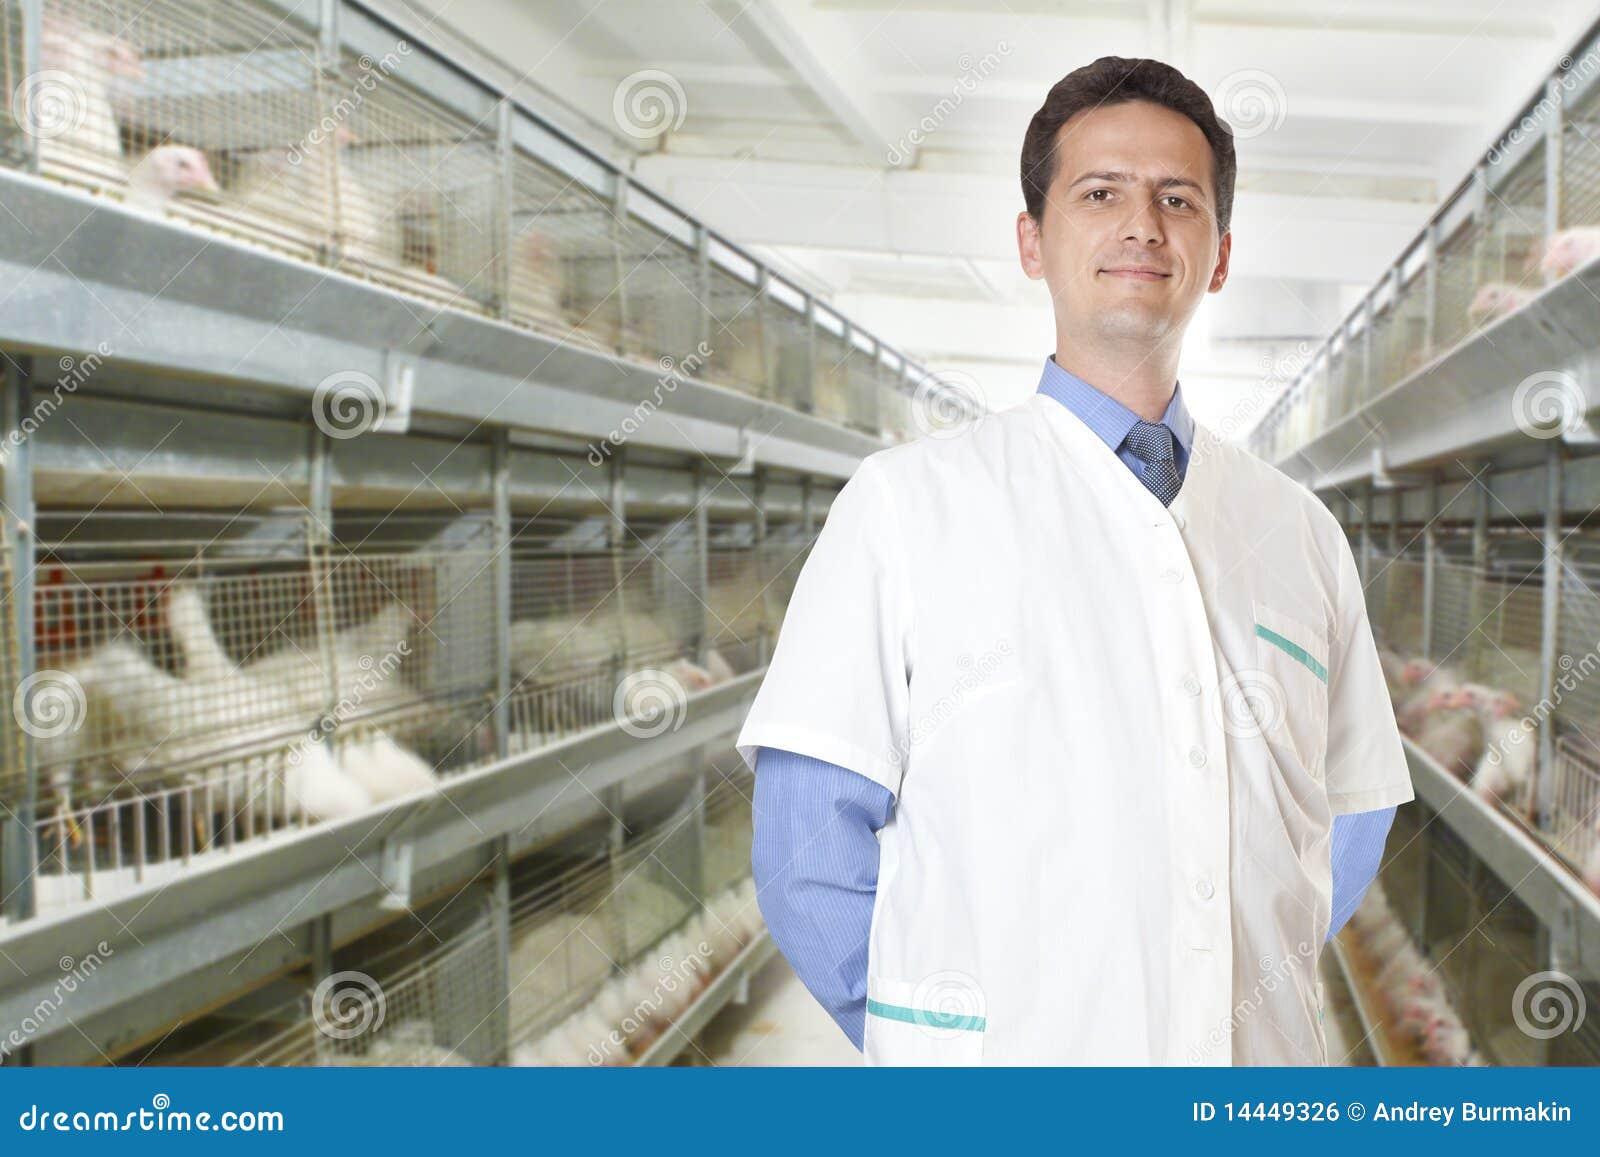 Chirurga veterinary